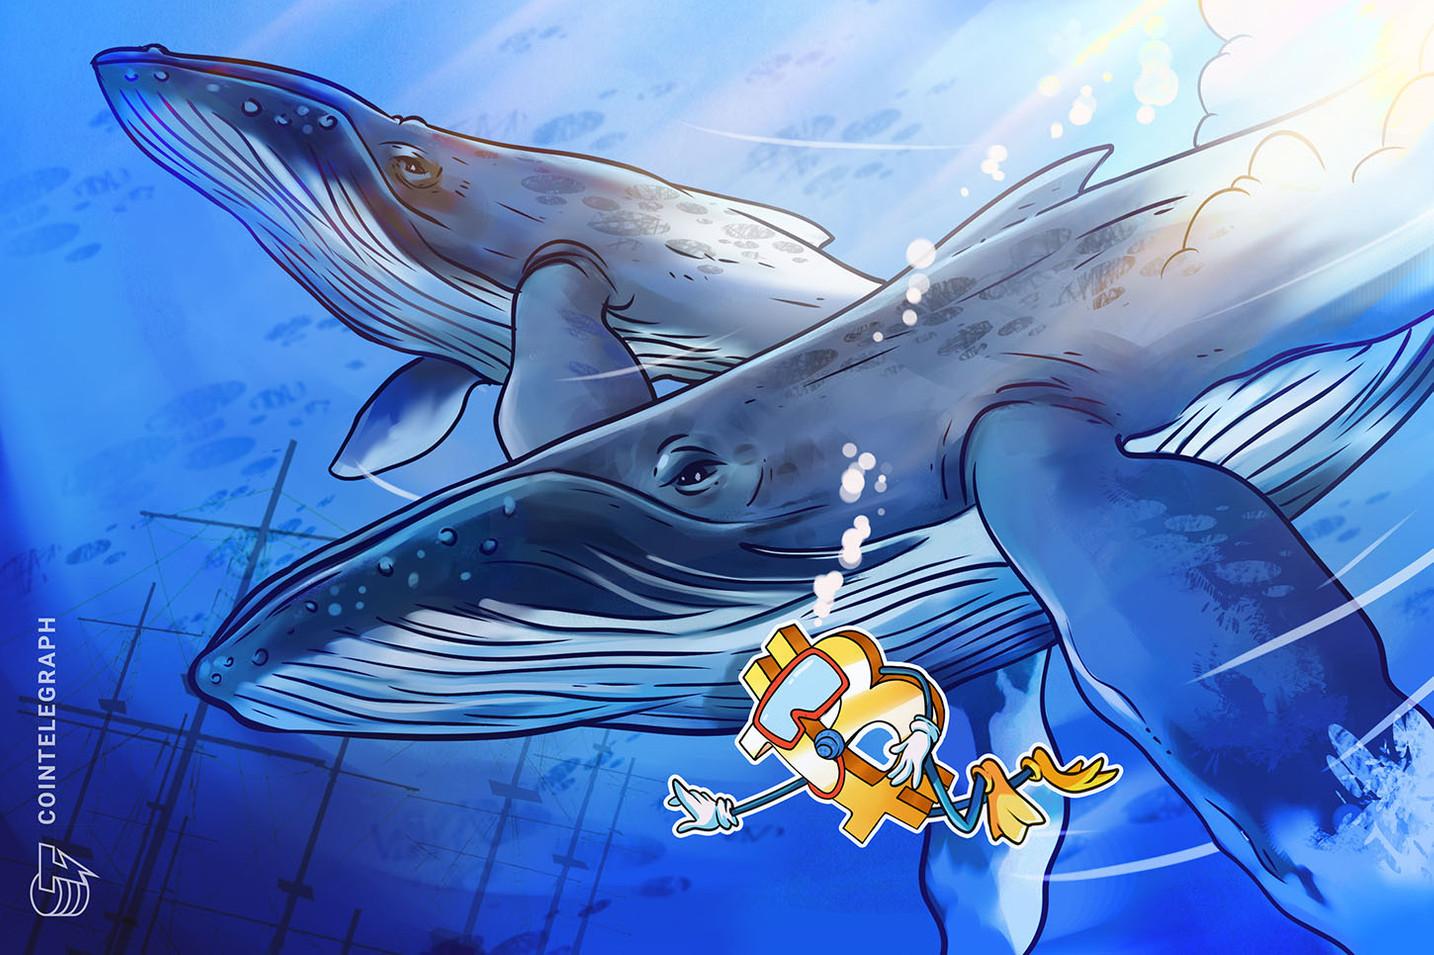 Los clusters de ballenas de Bitcoin señalan 3 niveles clave para que continúe el repunte de precios de BTC